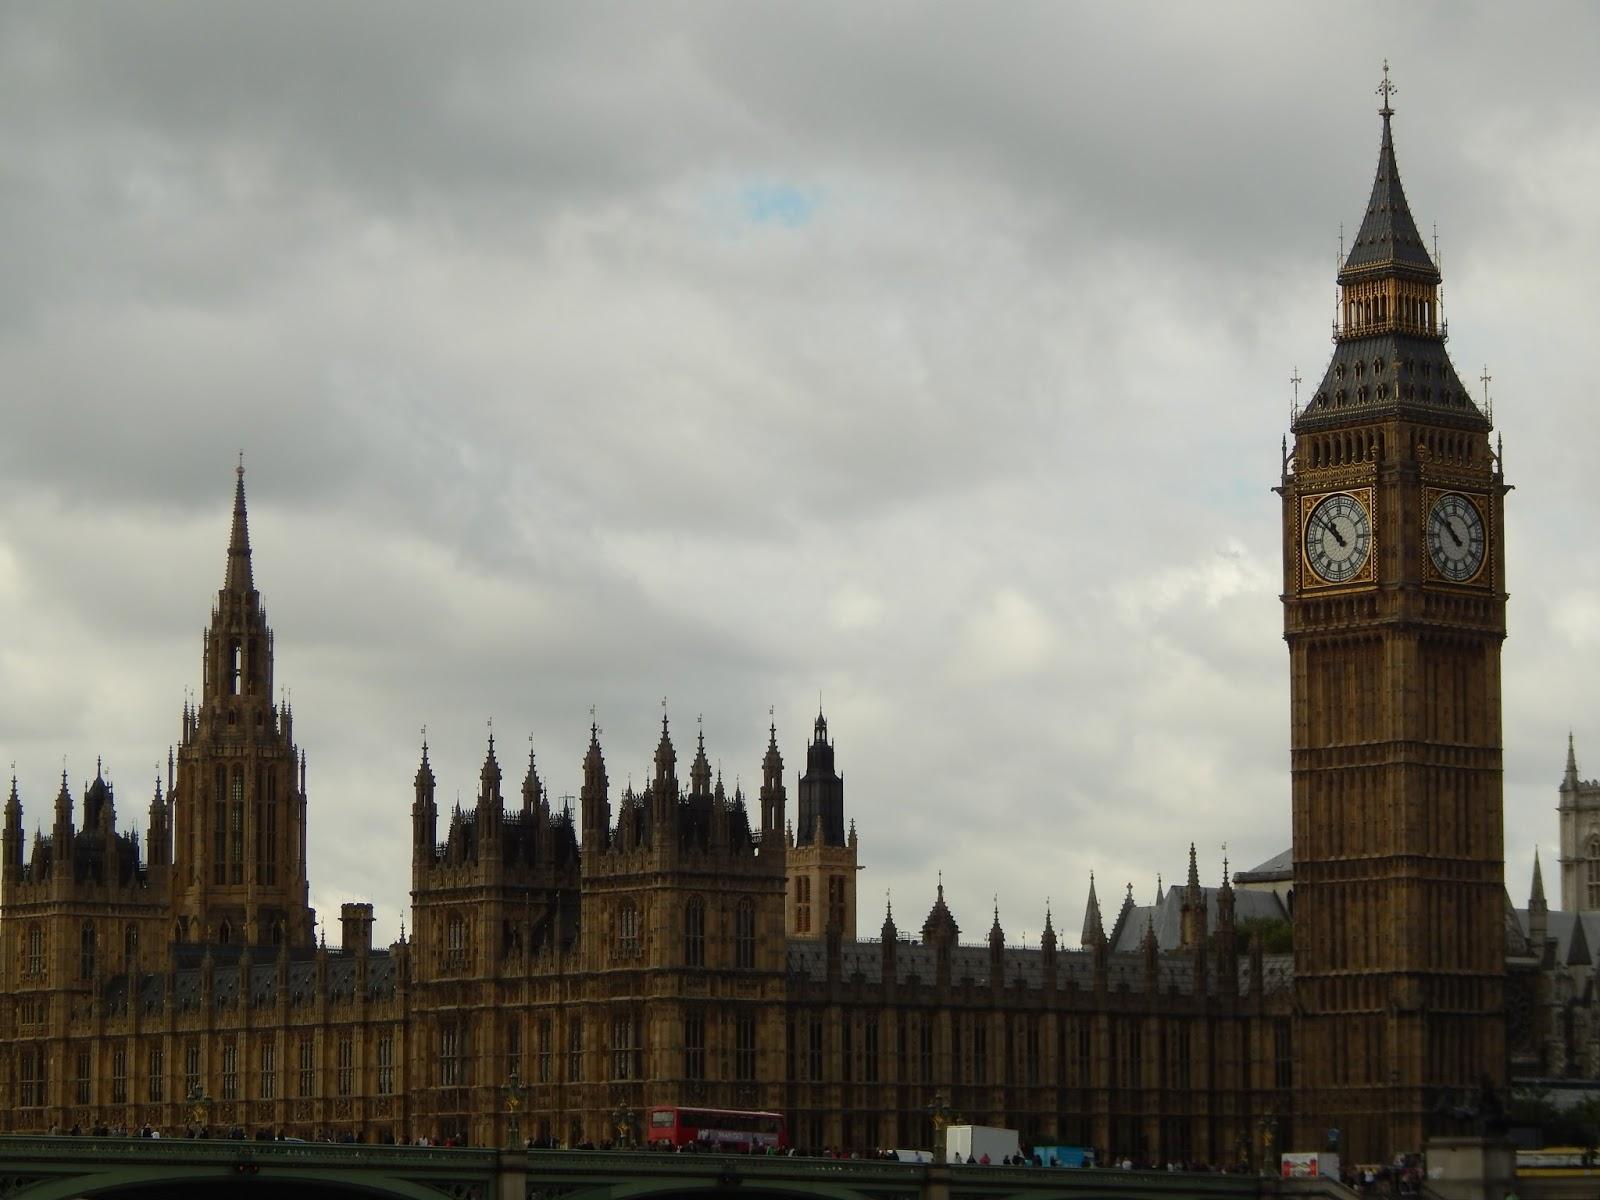 Westminsterský palác a most v Londýně